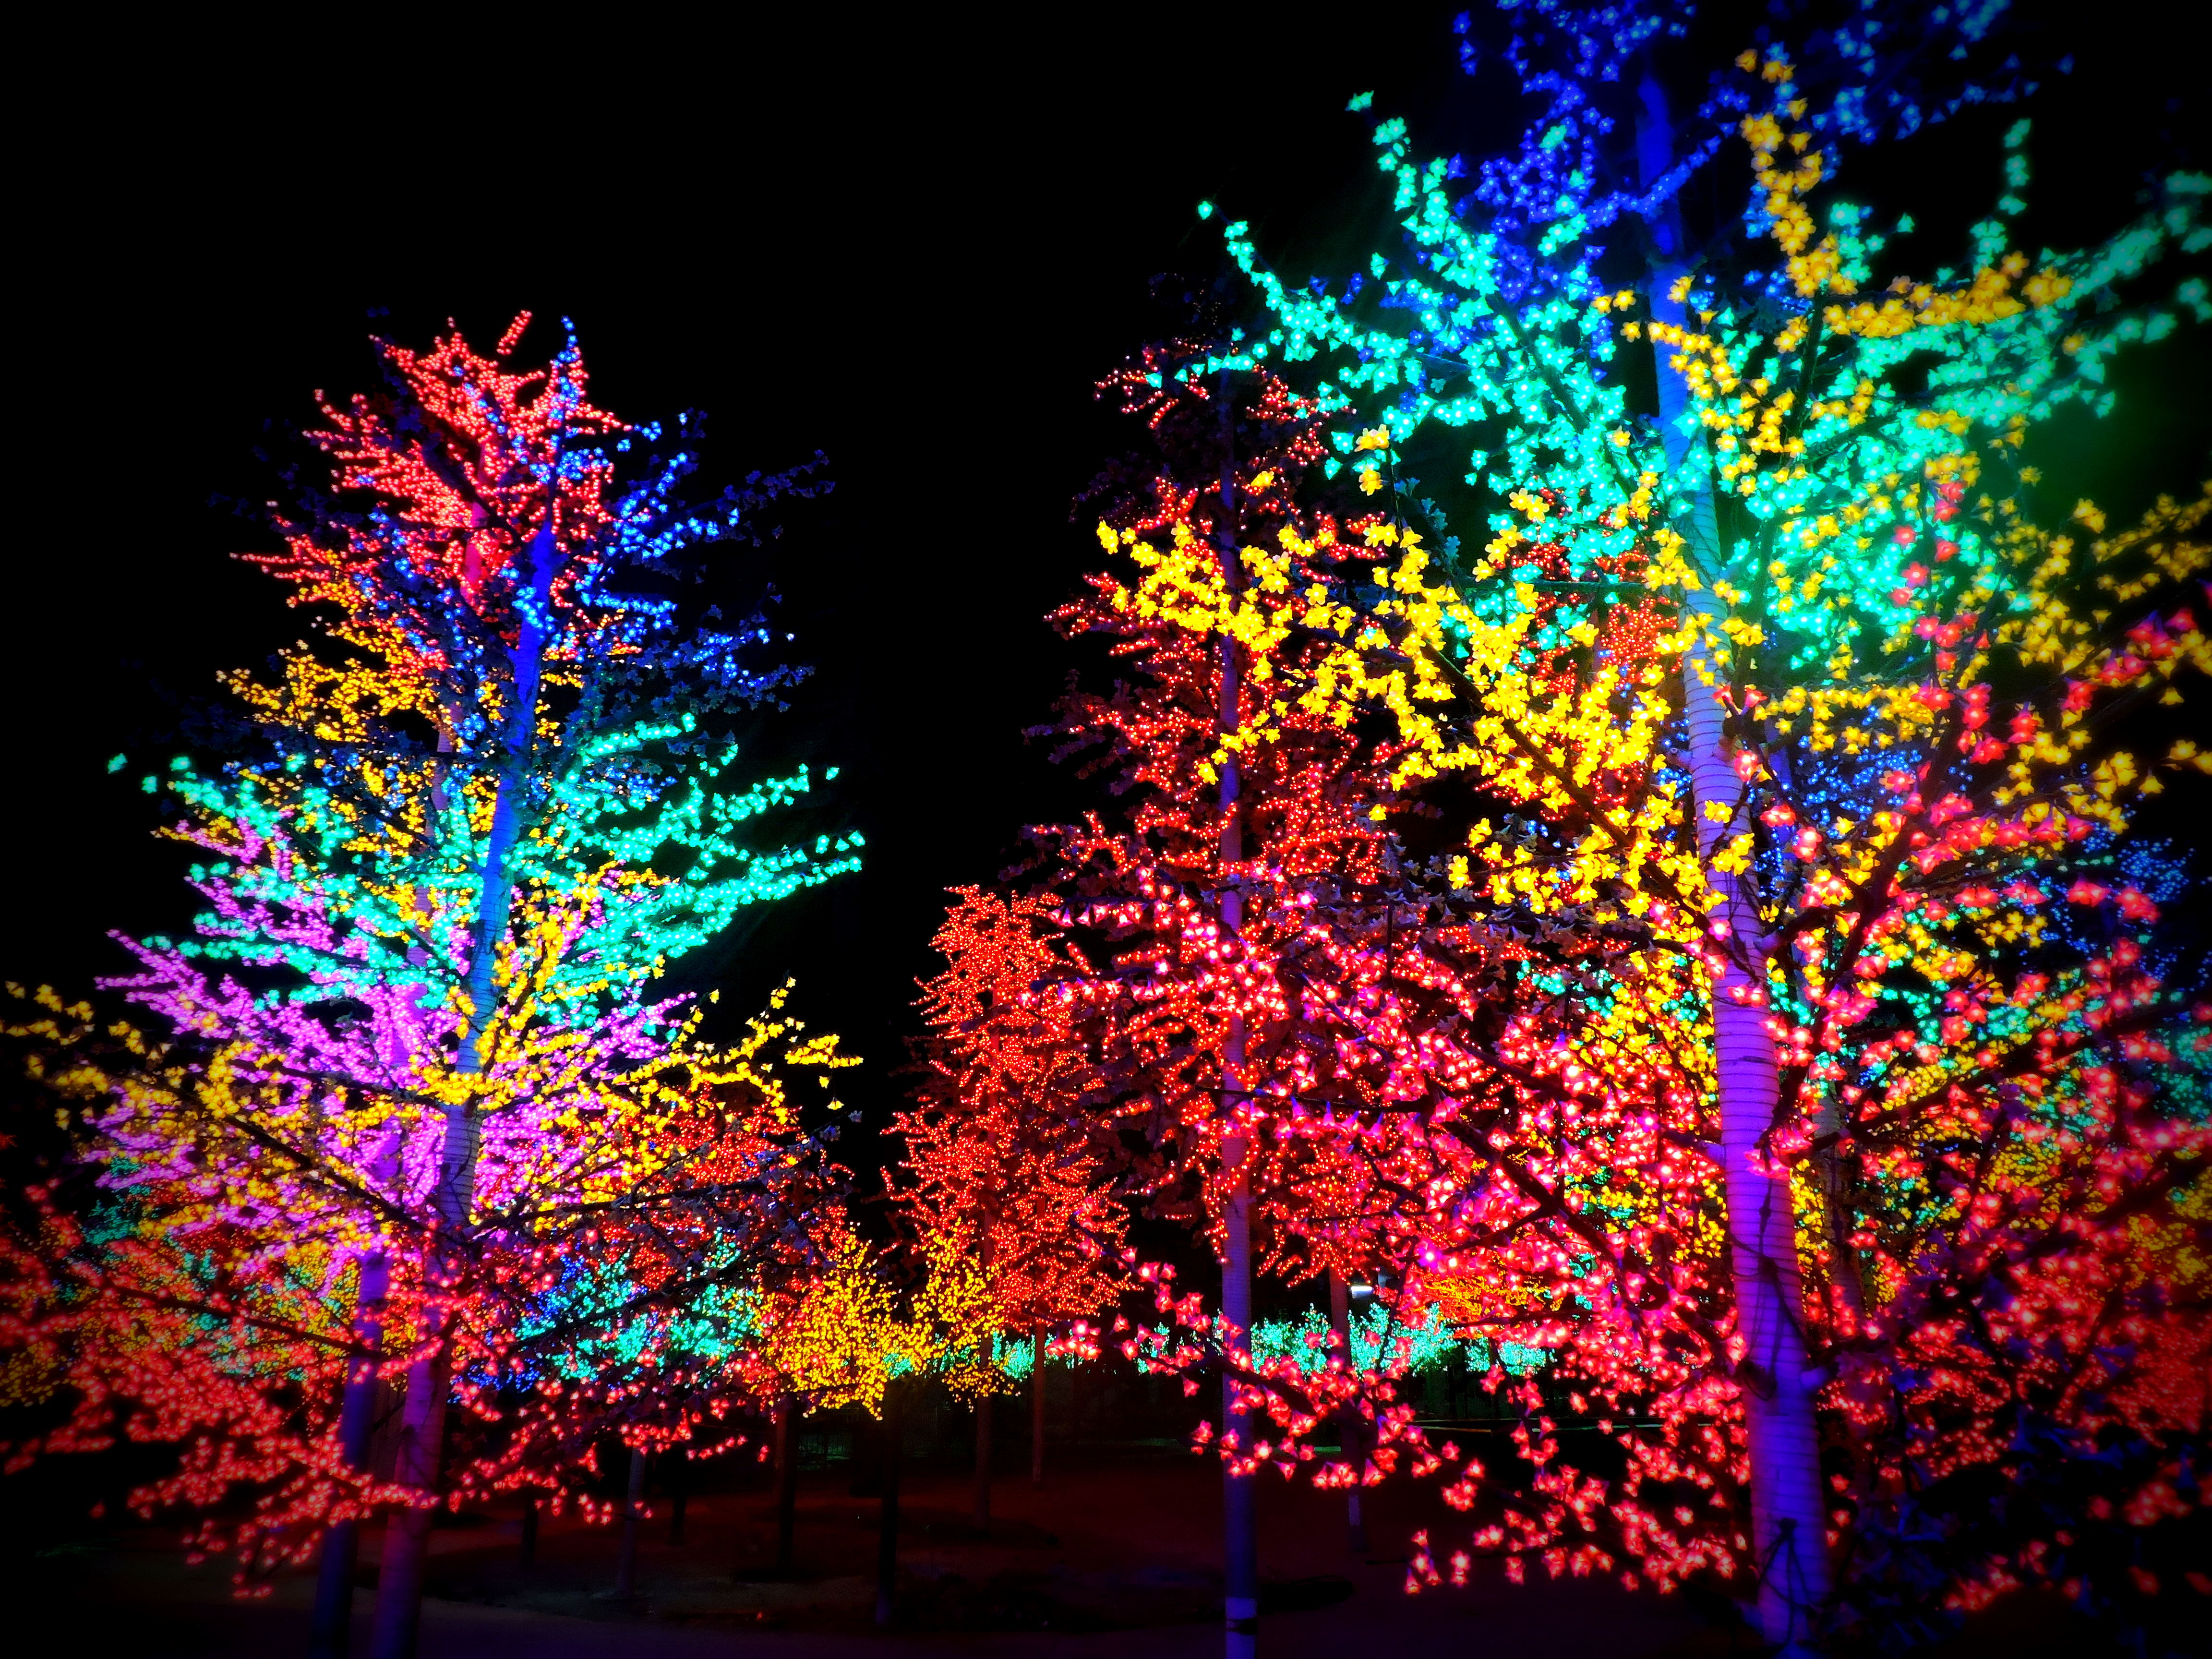 Digital Light Backgrounds, Compatible - PC, Mobile, Gadgets| 4608x3456 px